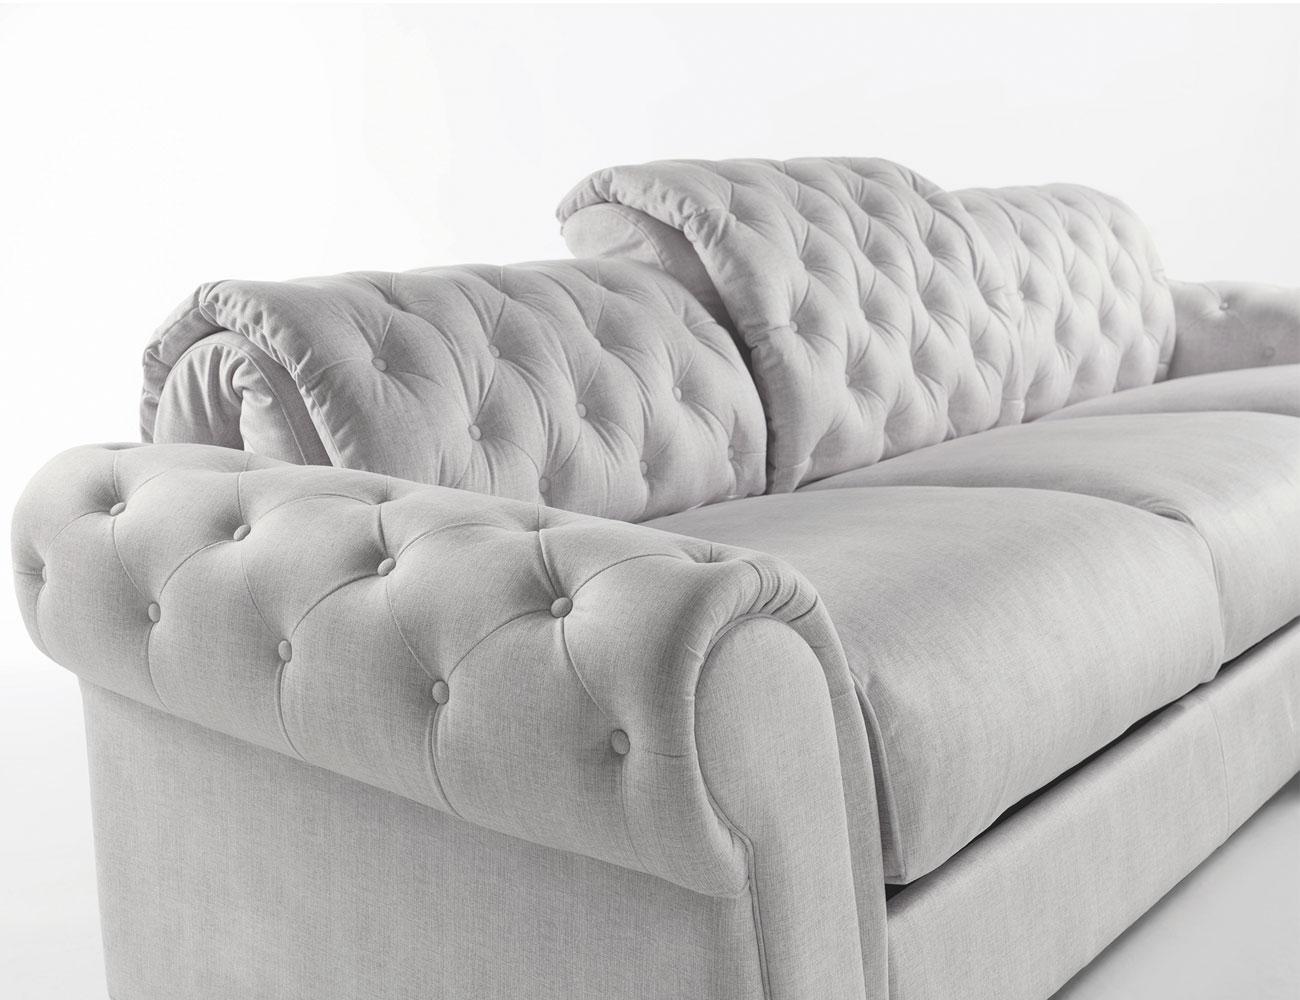 Sofa chaiselongue gran lujo decorativo capitone blanco tela 159